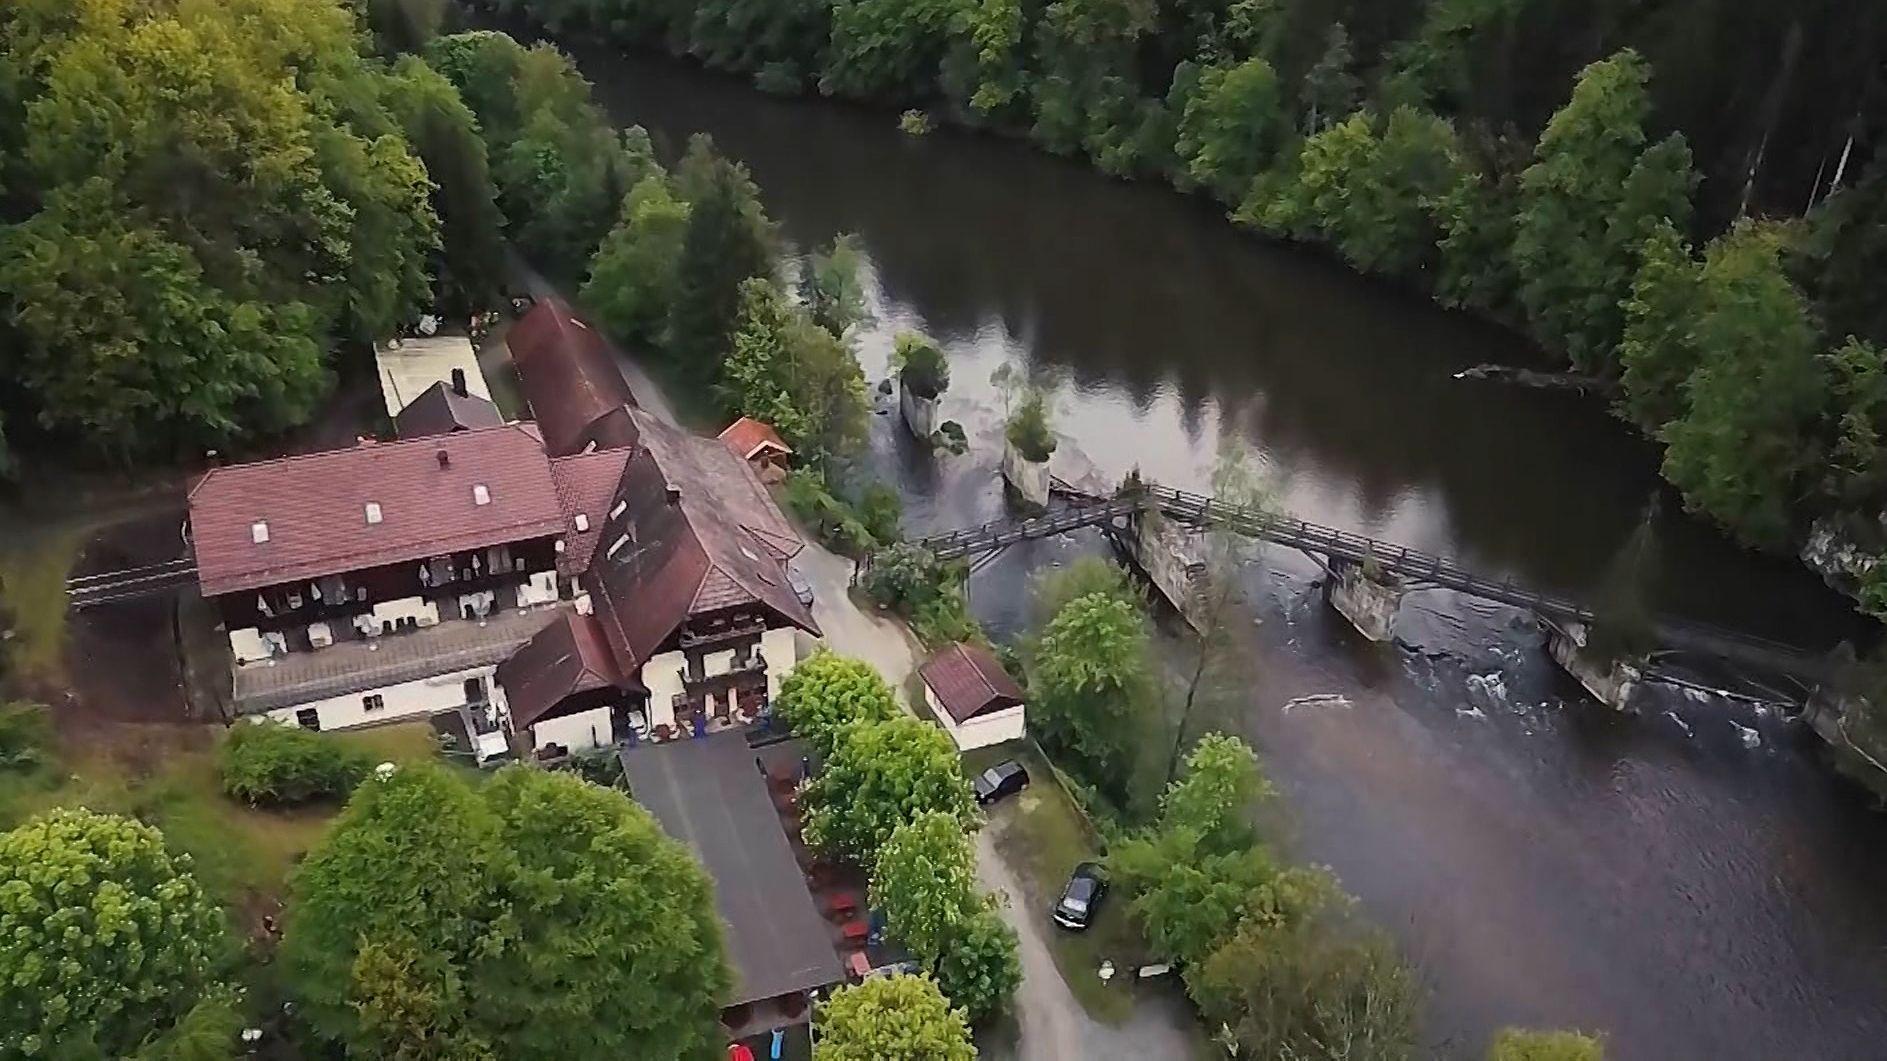 Die Pension in Passau, in der ein Zimmermädchen die drei Leichen mit den Pfeilen in ihren Körpern entdeckt hat.